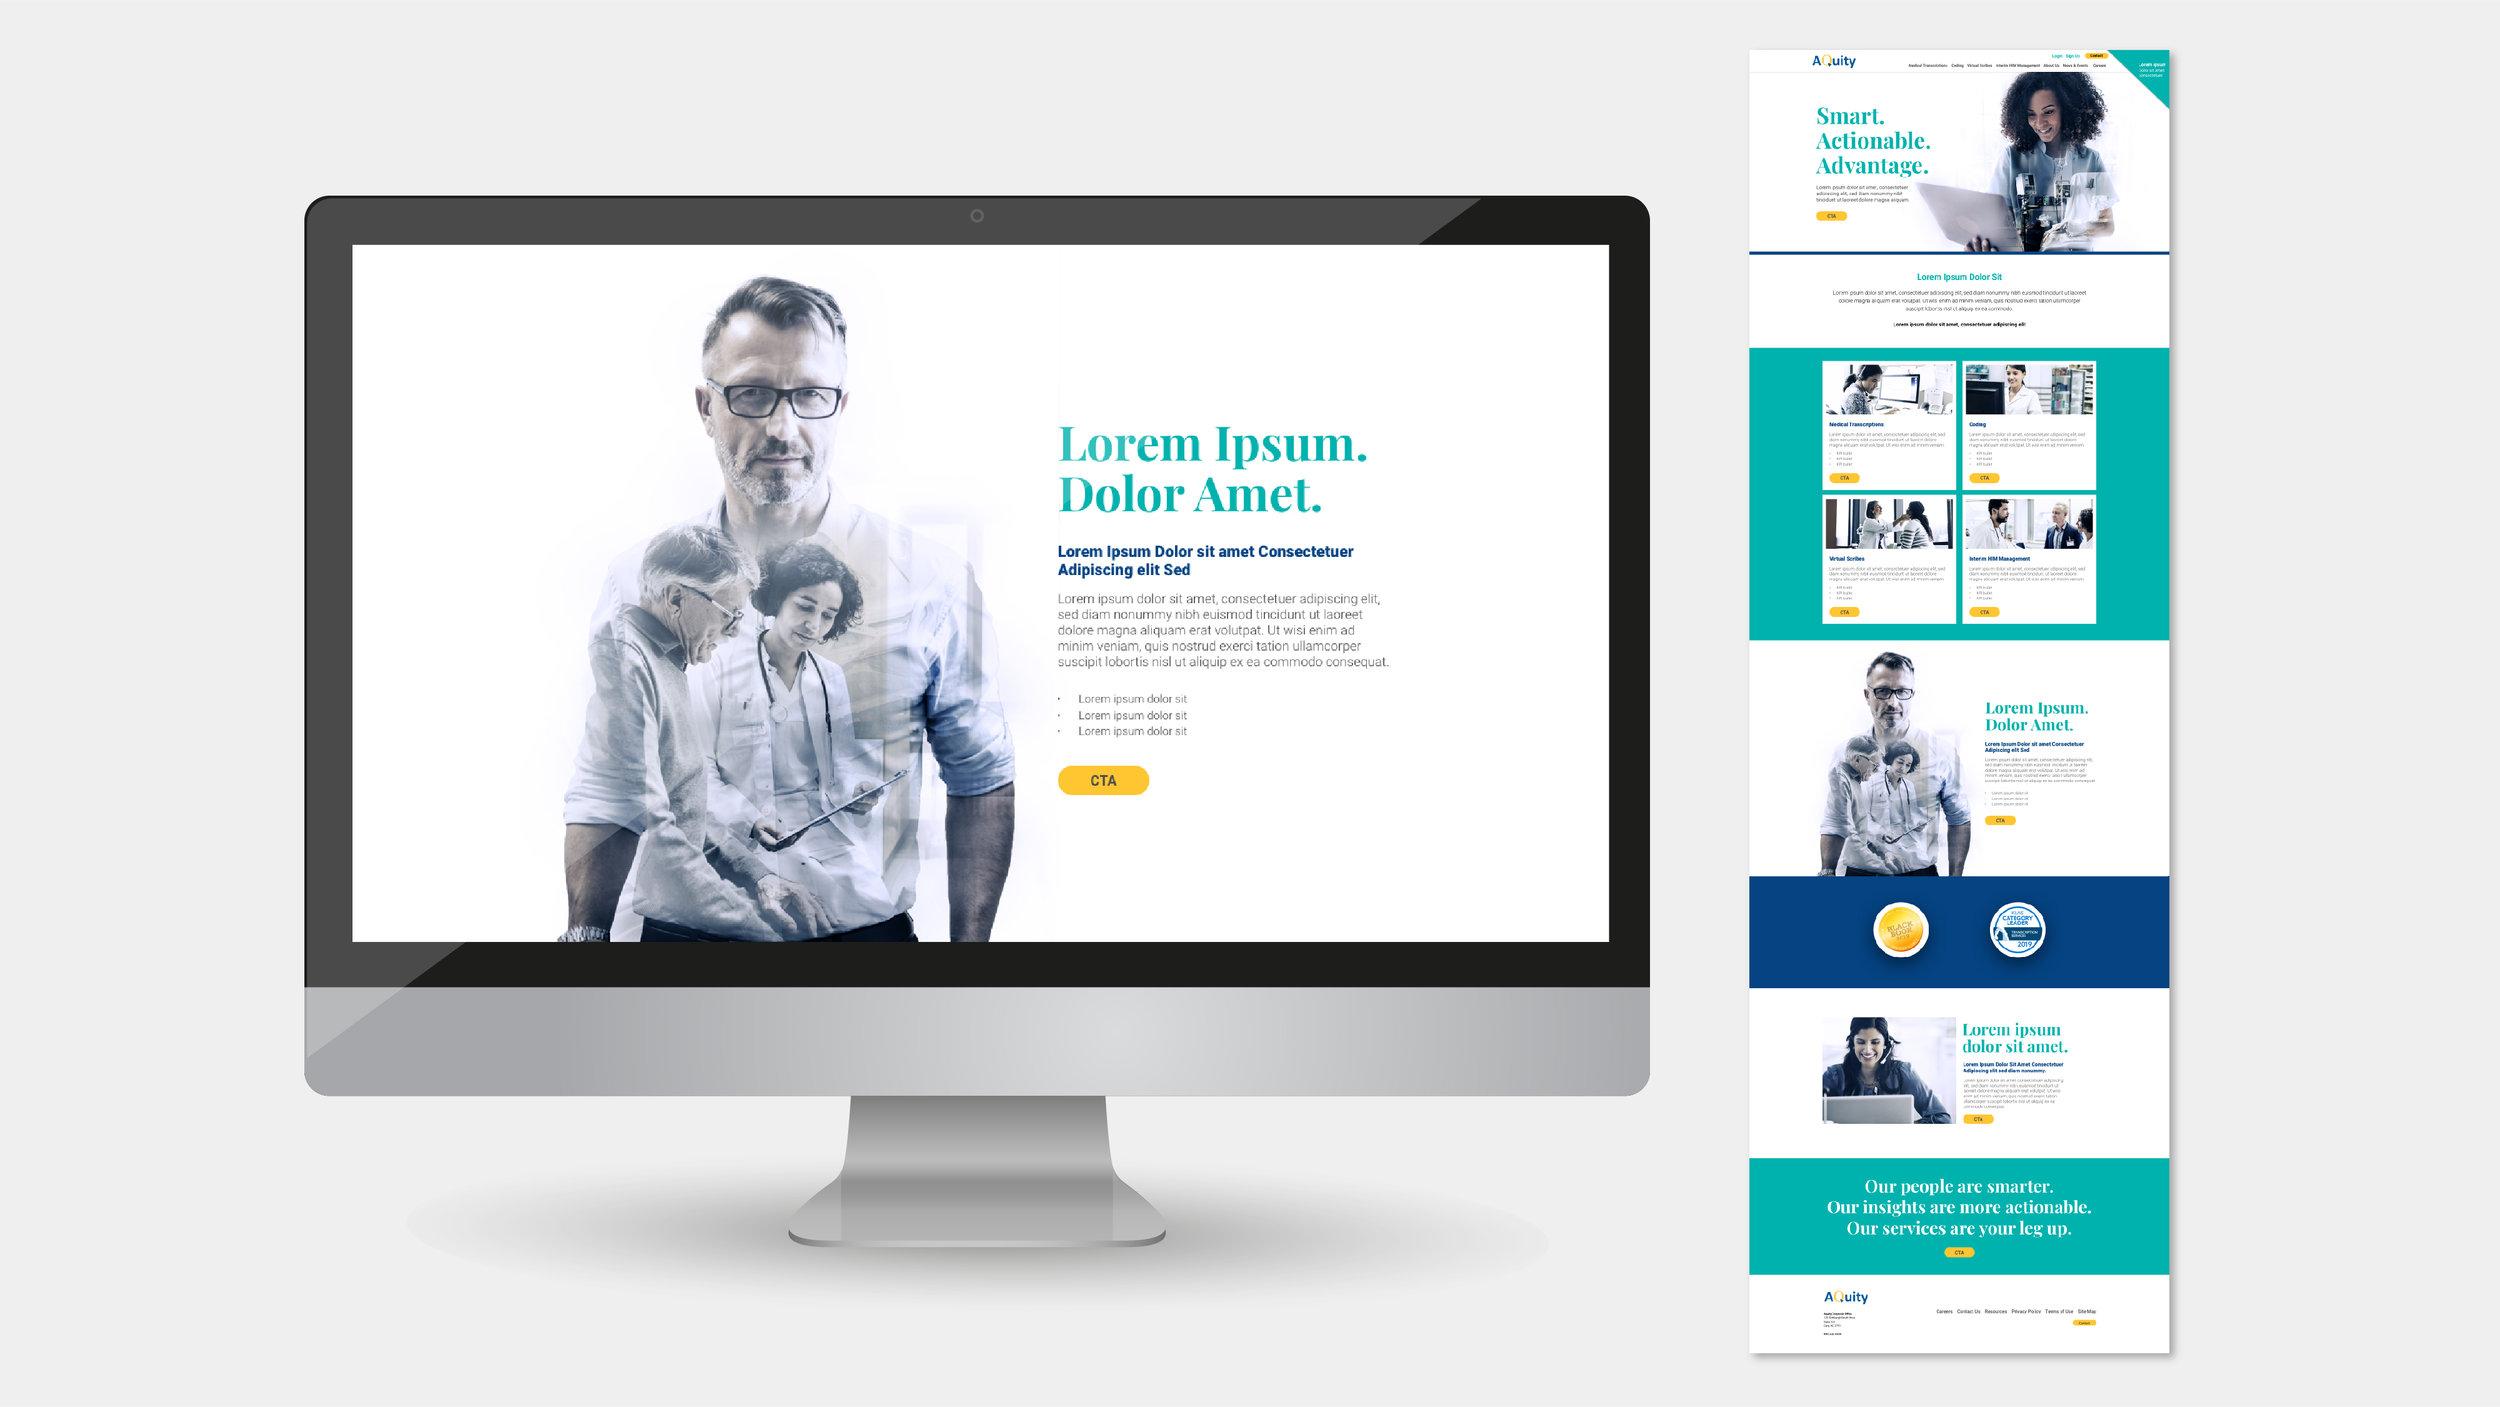 AQTY_homepage-03.jpg